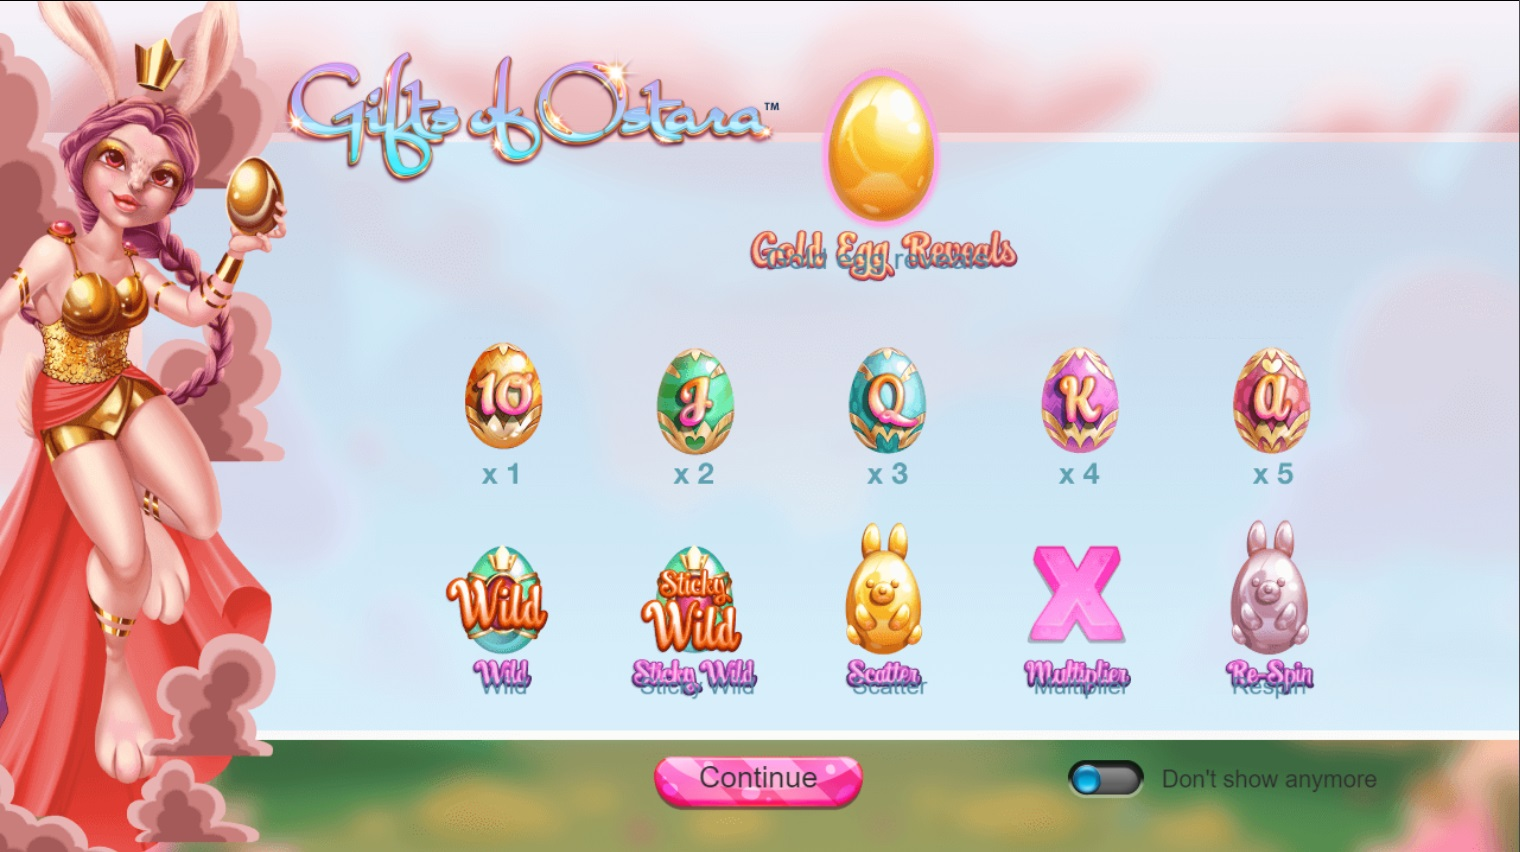 Игровой автомат Gift of Ostara